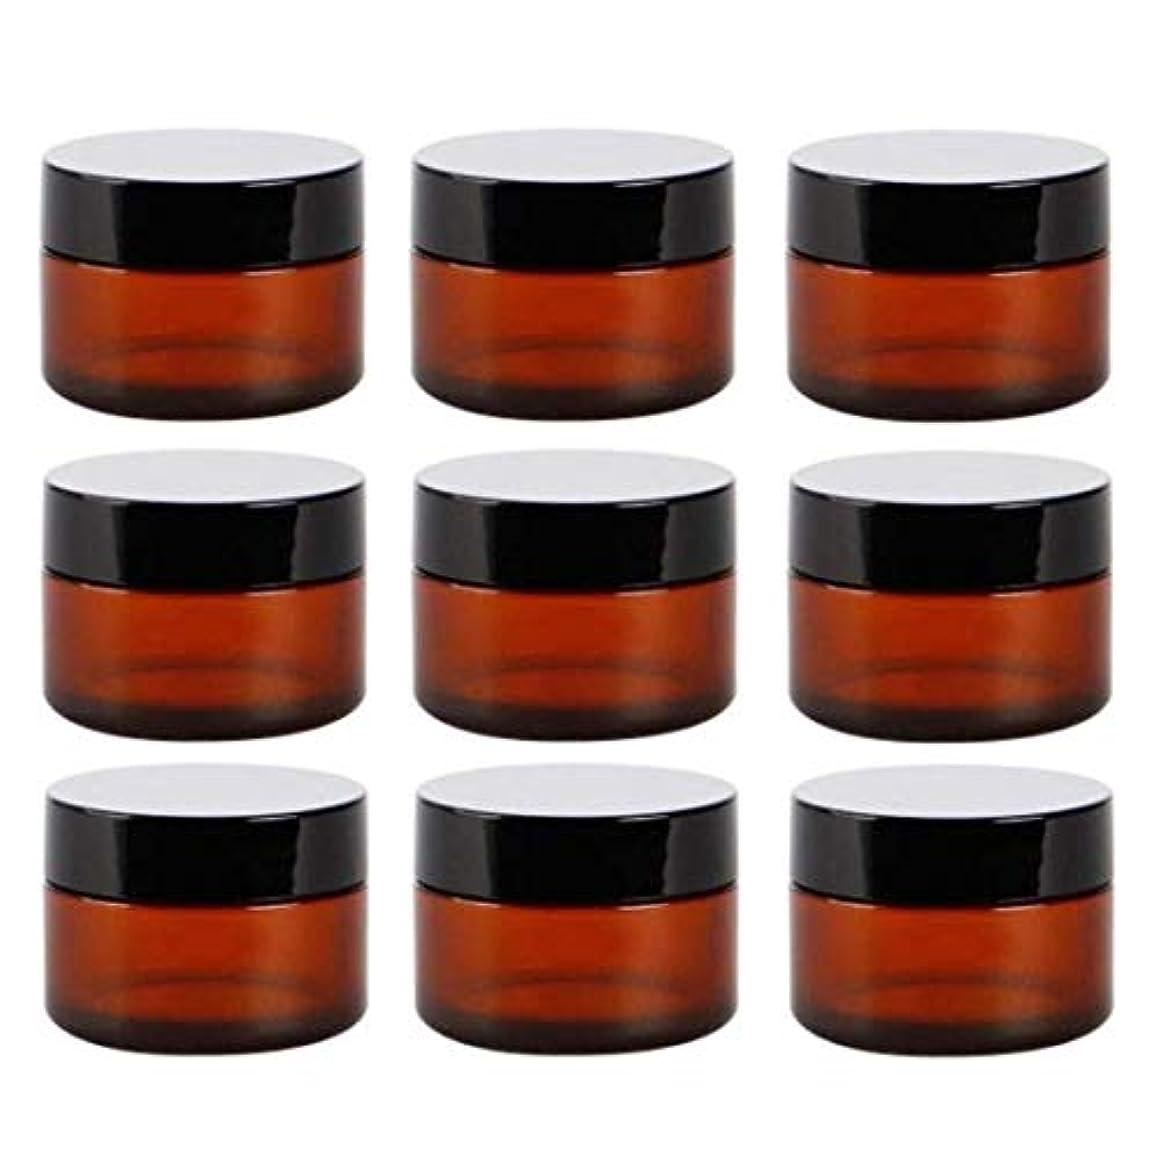 割れ目提供された記念アロマオイル 精油 香水やアロマの保存 小分け用 遮光瓶 詰替え ガラス製 9本セット茶色10g